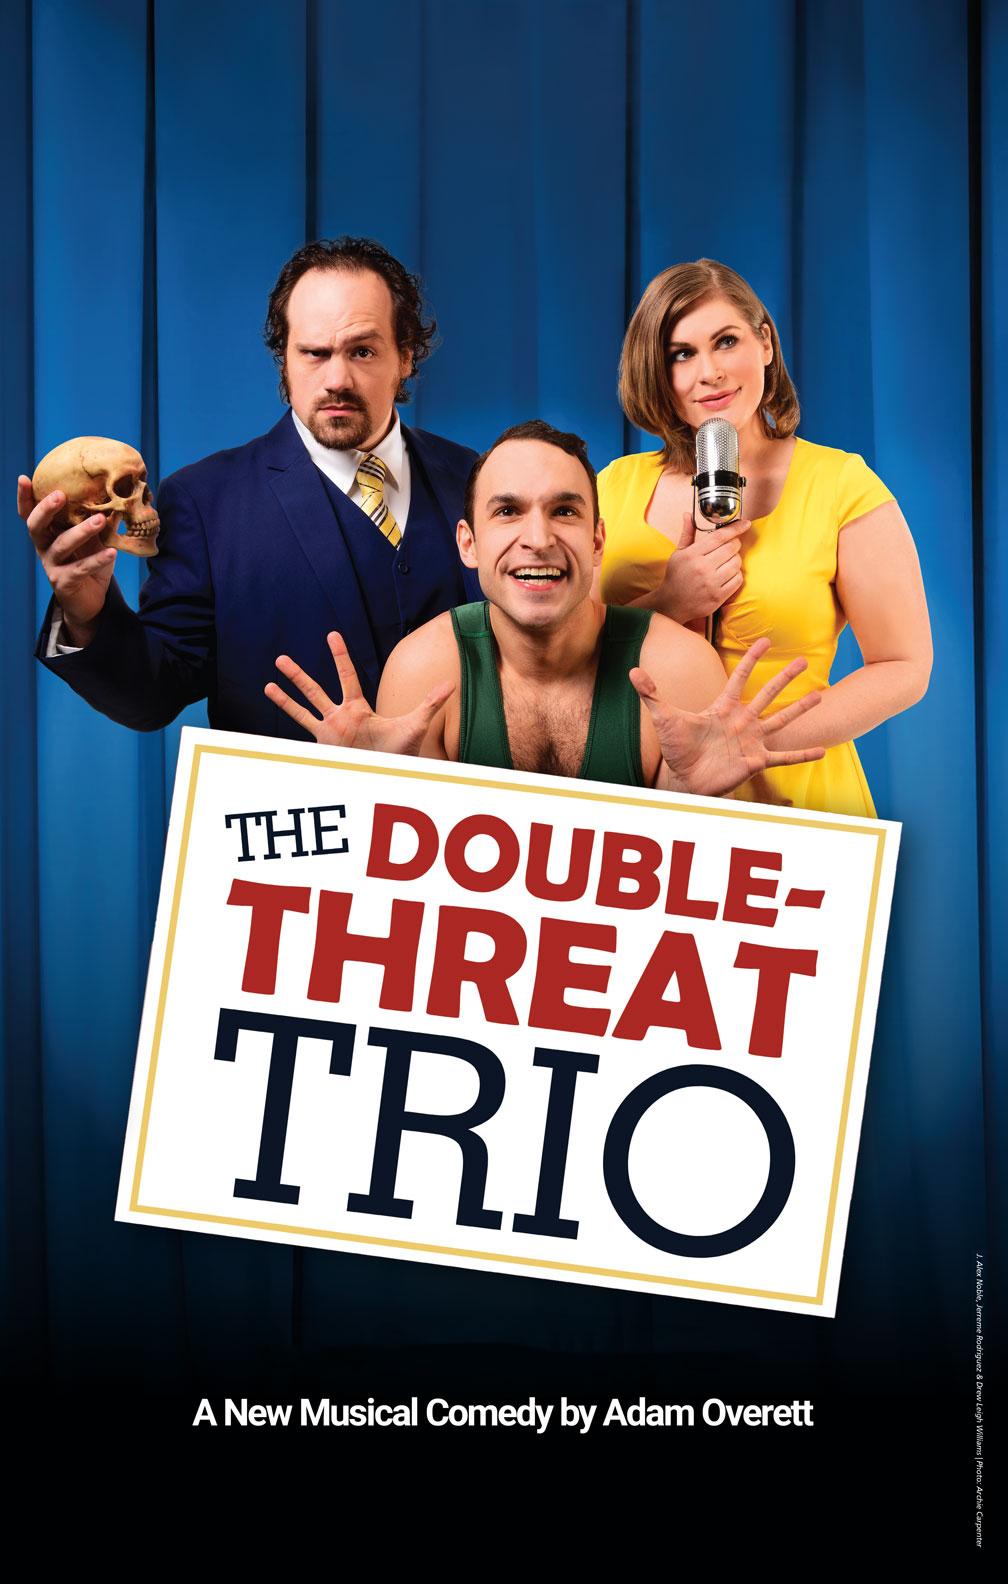 The Double-Threat Trio